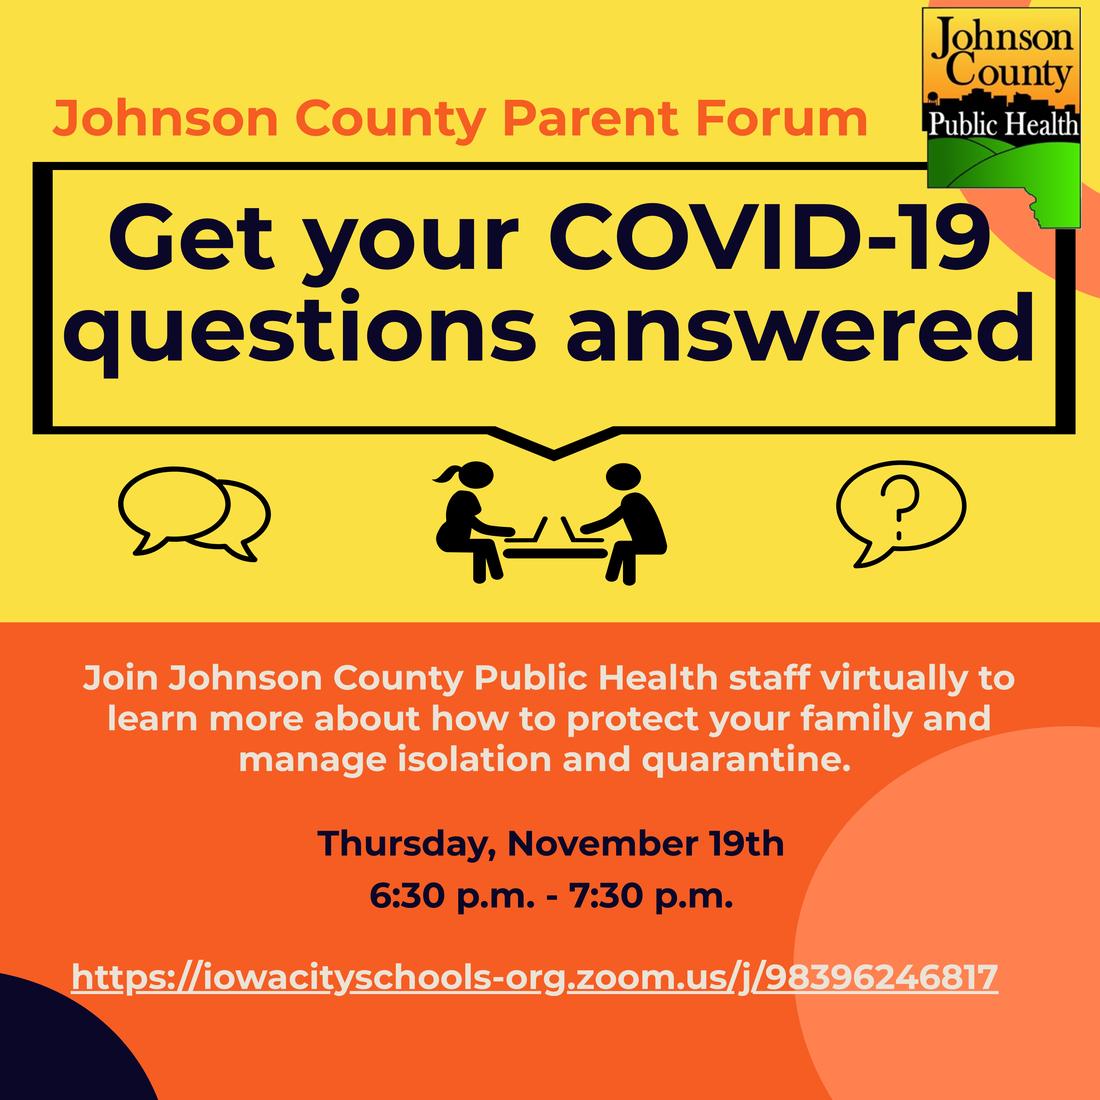 JCPH Parent Forum